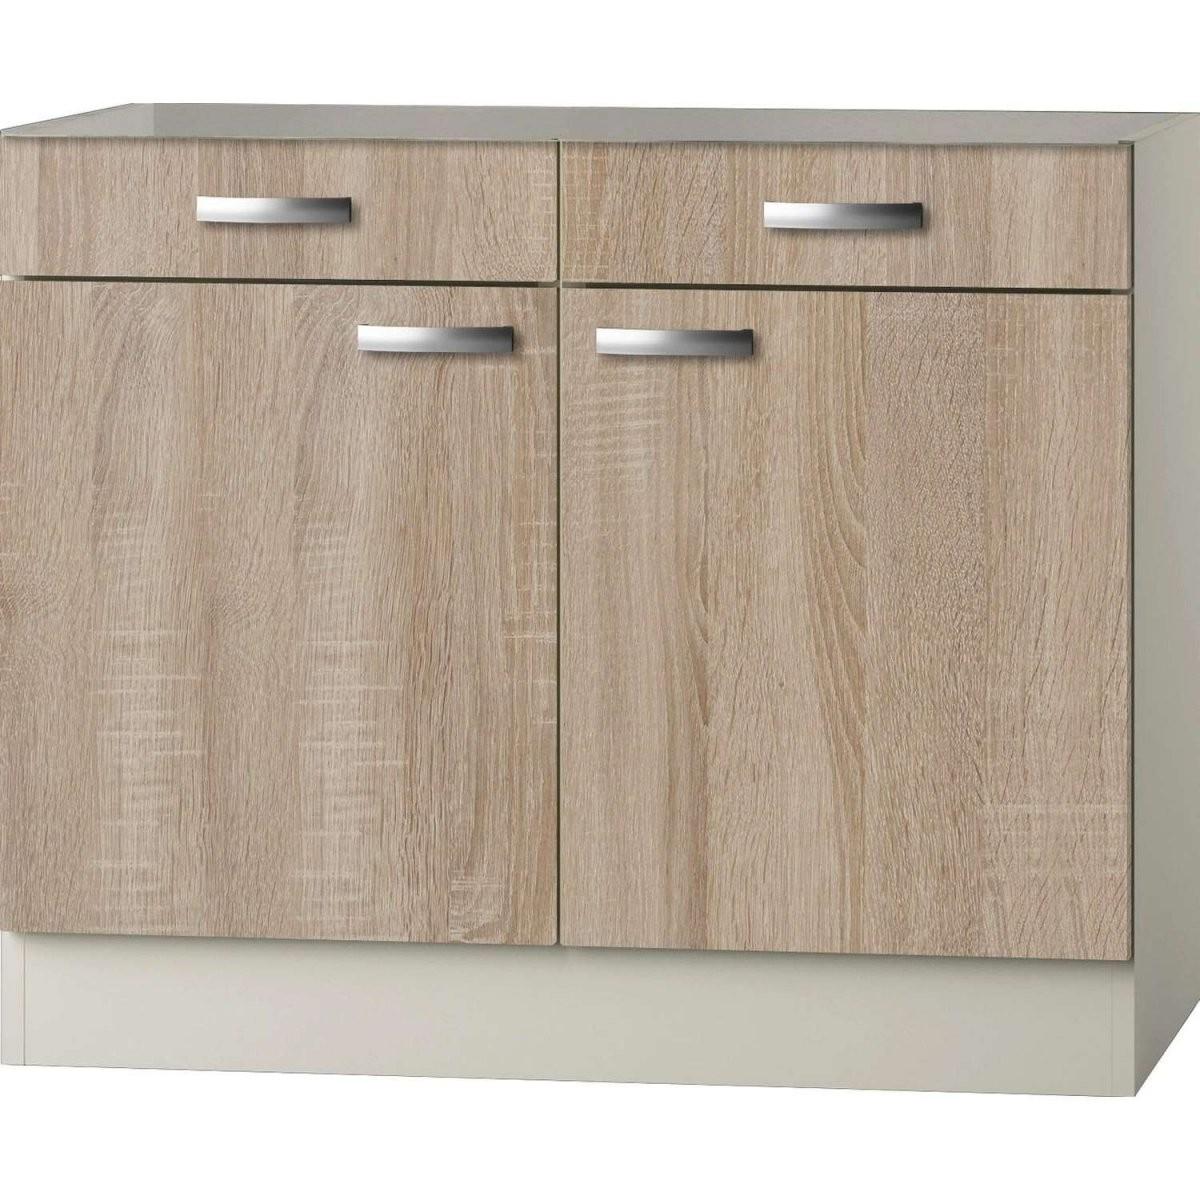 Küchenunterschrank 30 Cm Breit Kvdd Hausdesign Korpus K C3 Bcchen von Küchenunterschrank 50 Cm Breit Bild